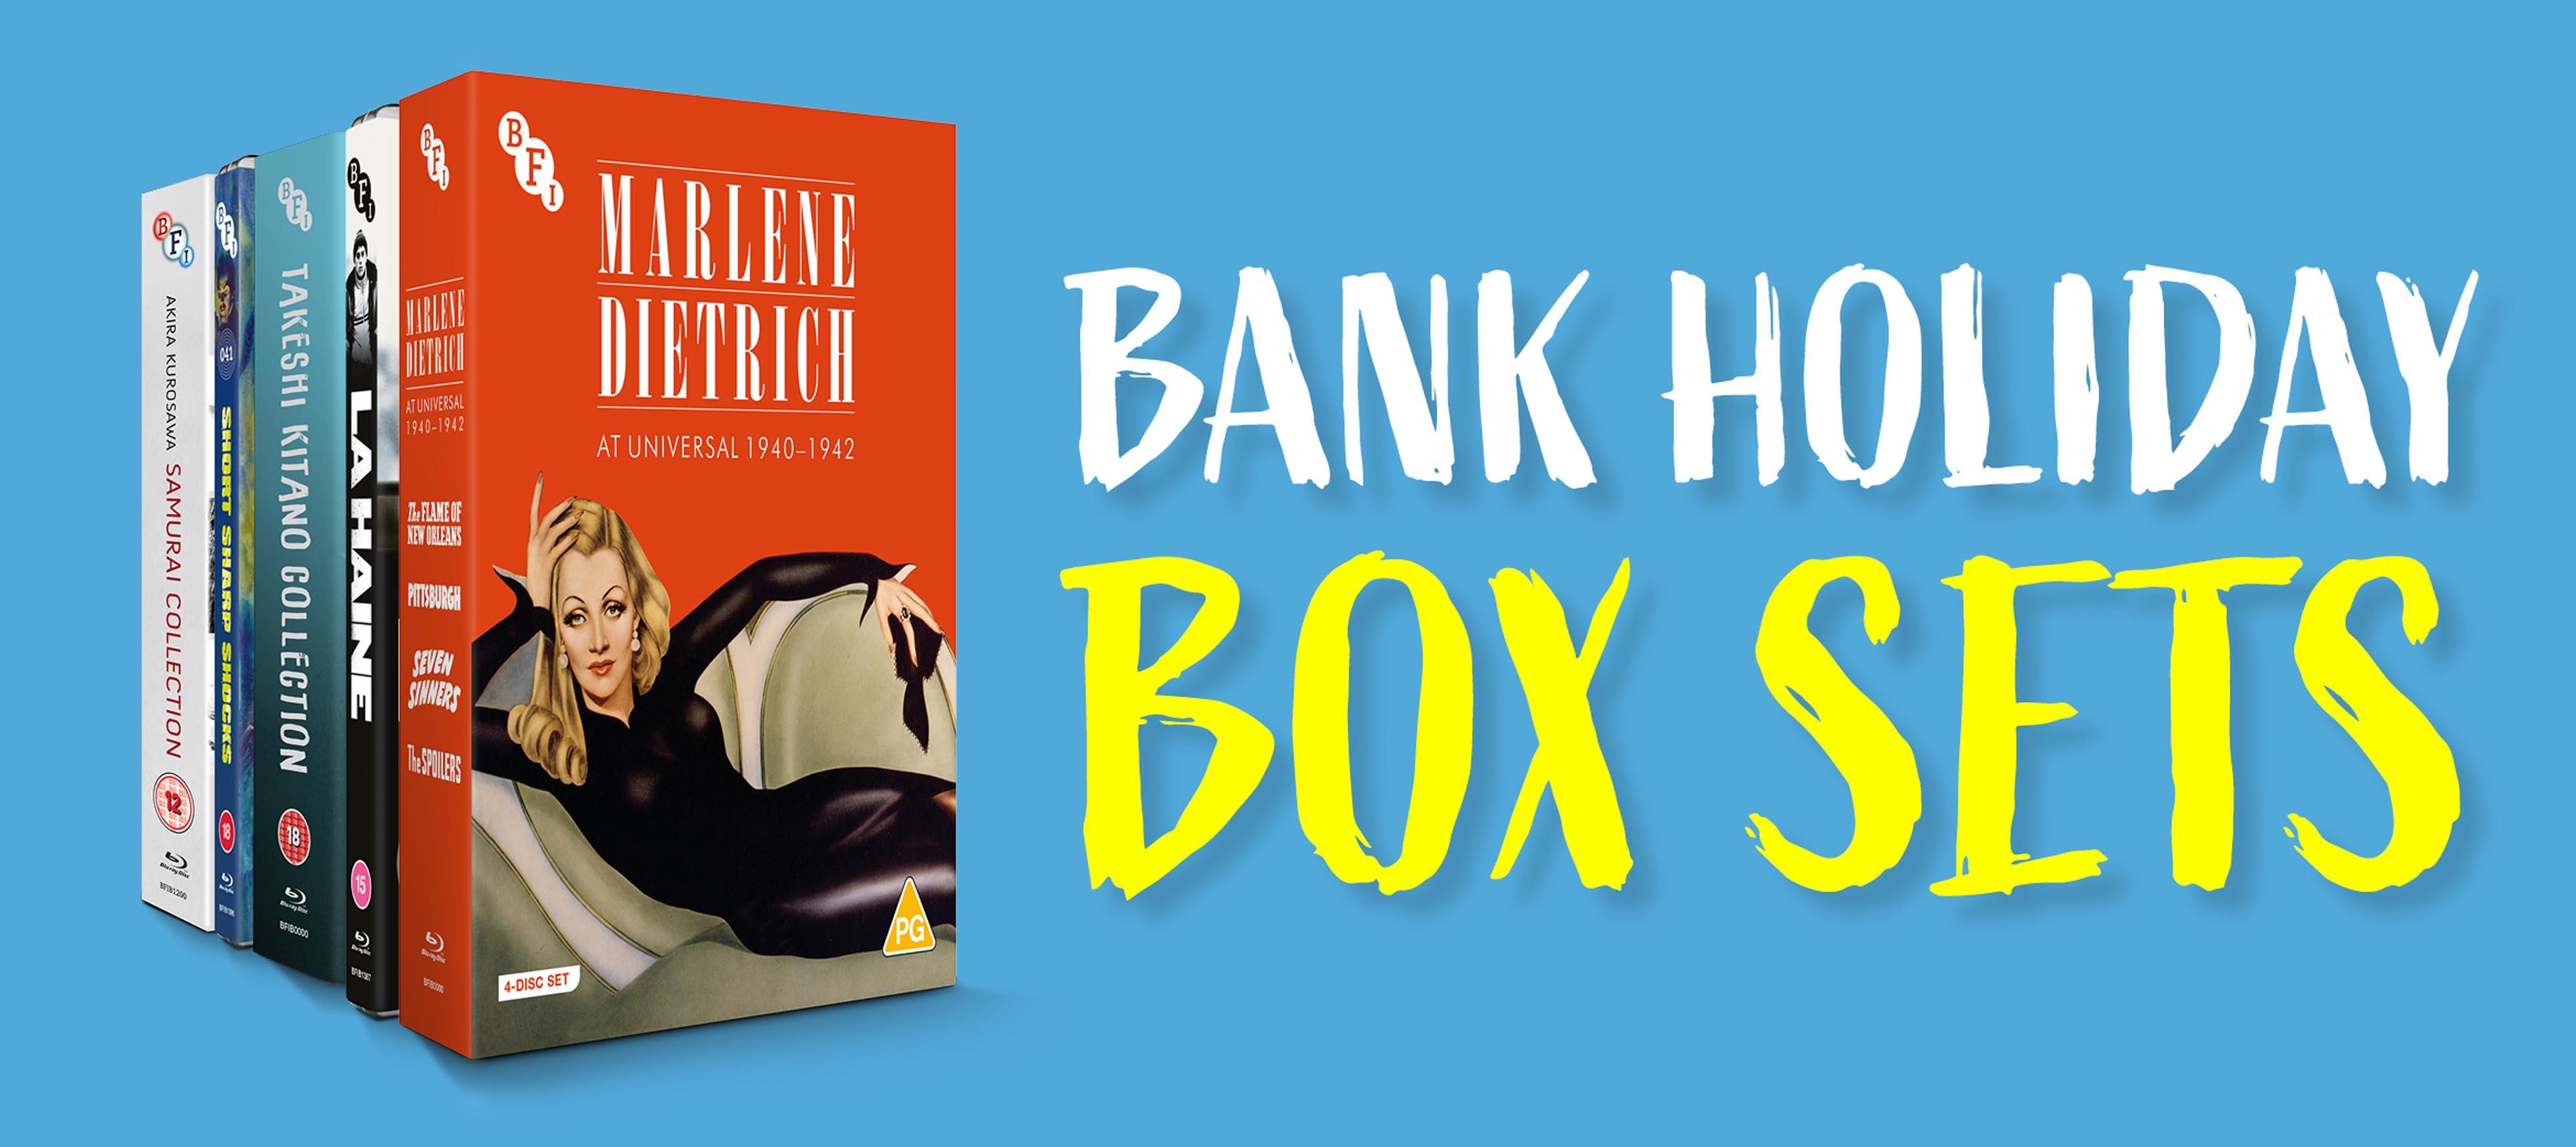 BFI Bank Holiday Box Sets Sale (u.a. Herzog, Akira Kurosawa, Dietrich)